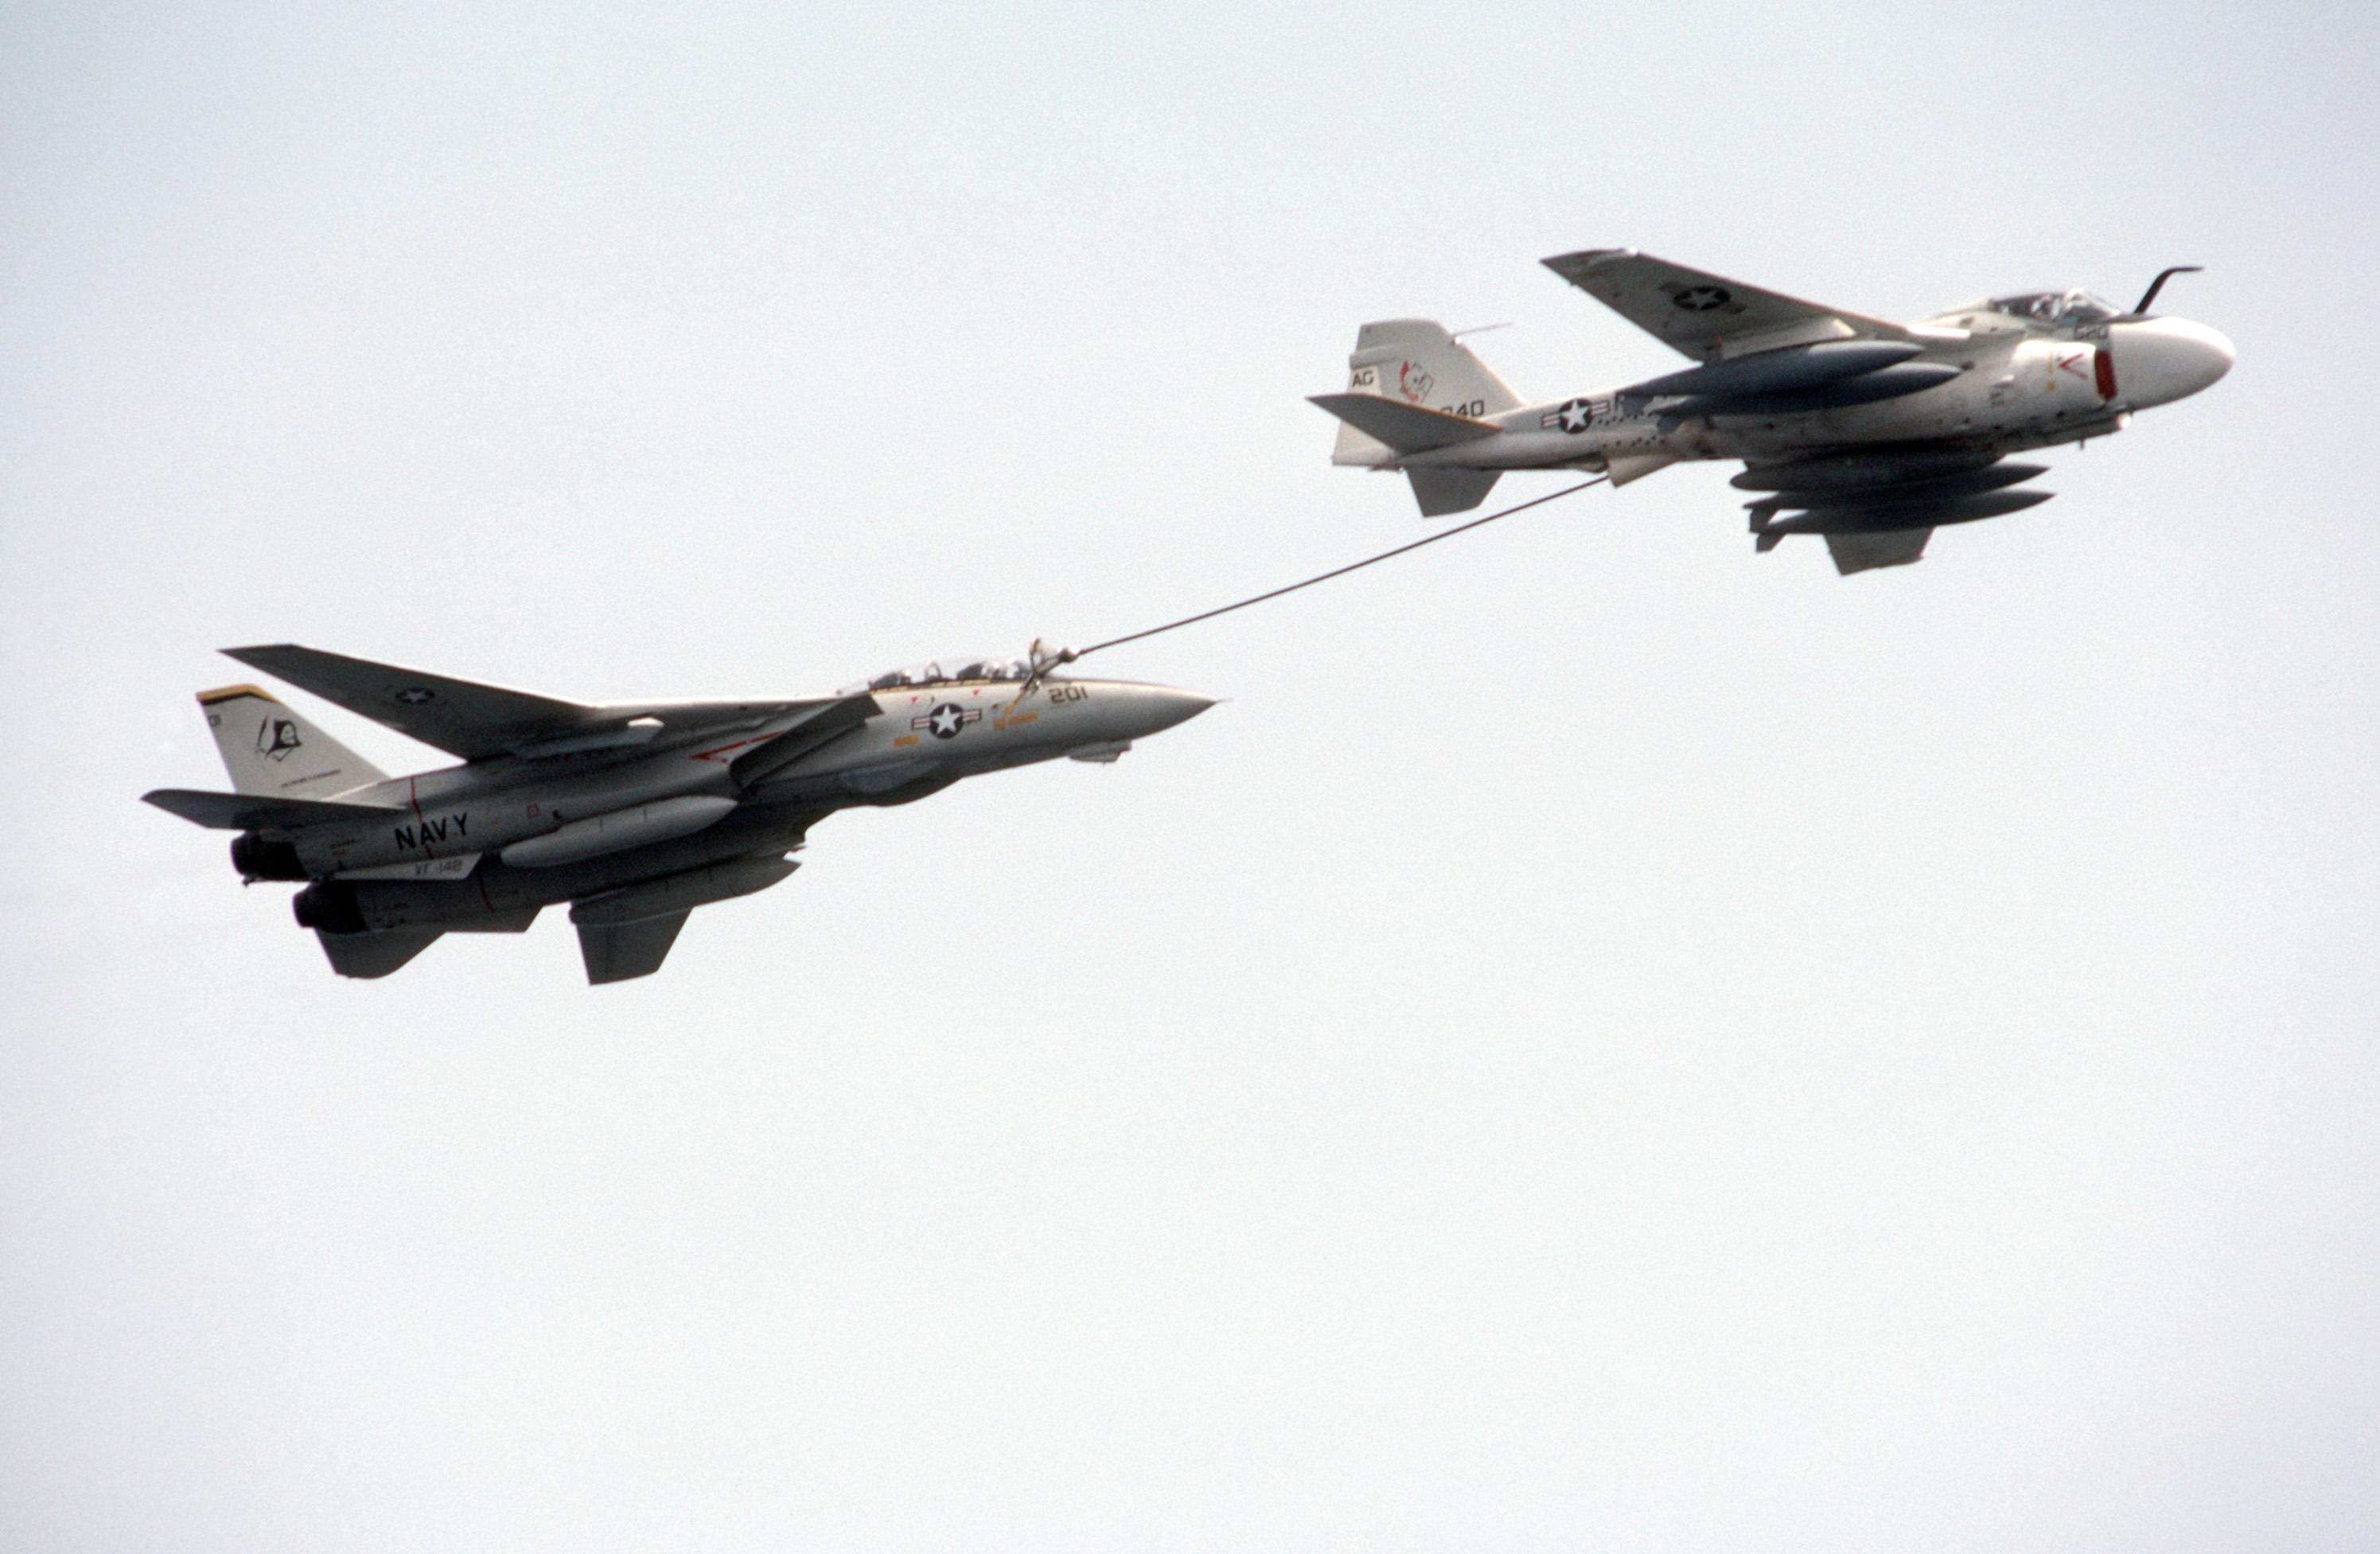 Grumman A-6 Intruder y EA-6B Prowler KA-6_F-14_DN-ST-87-10386